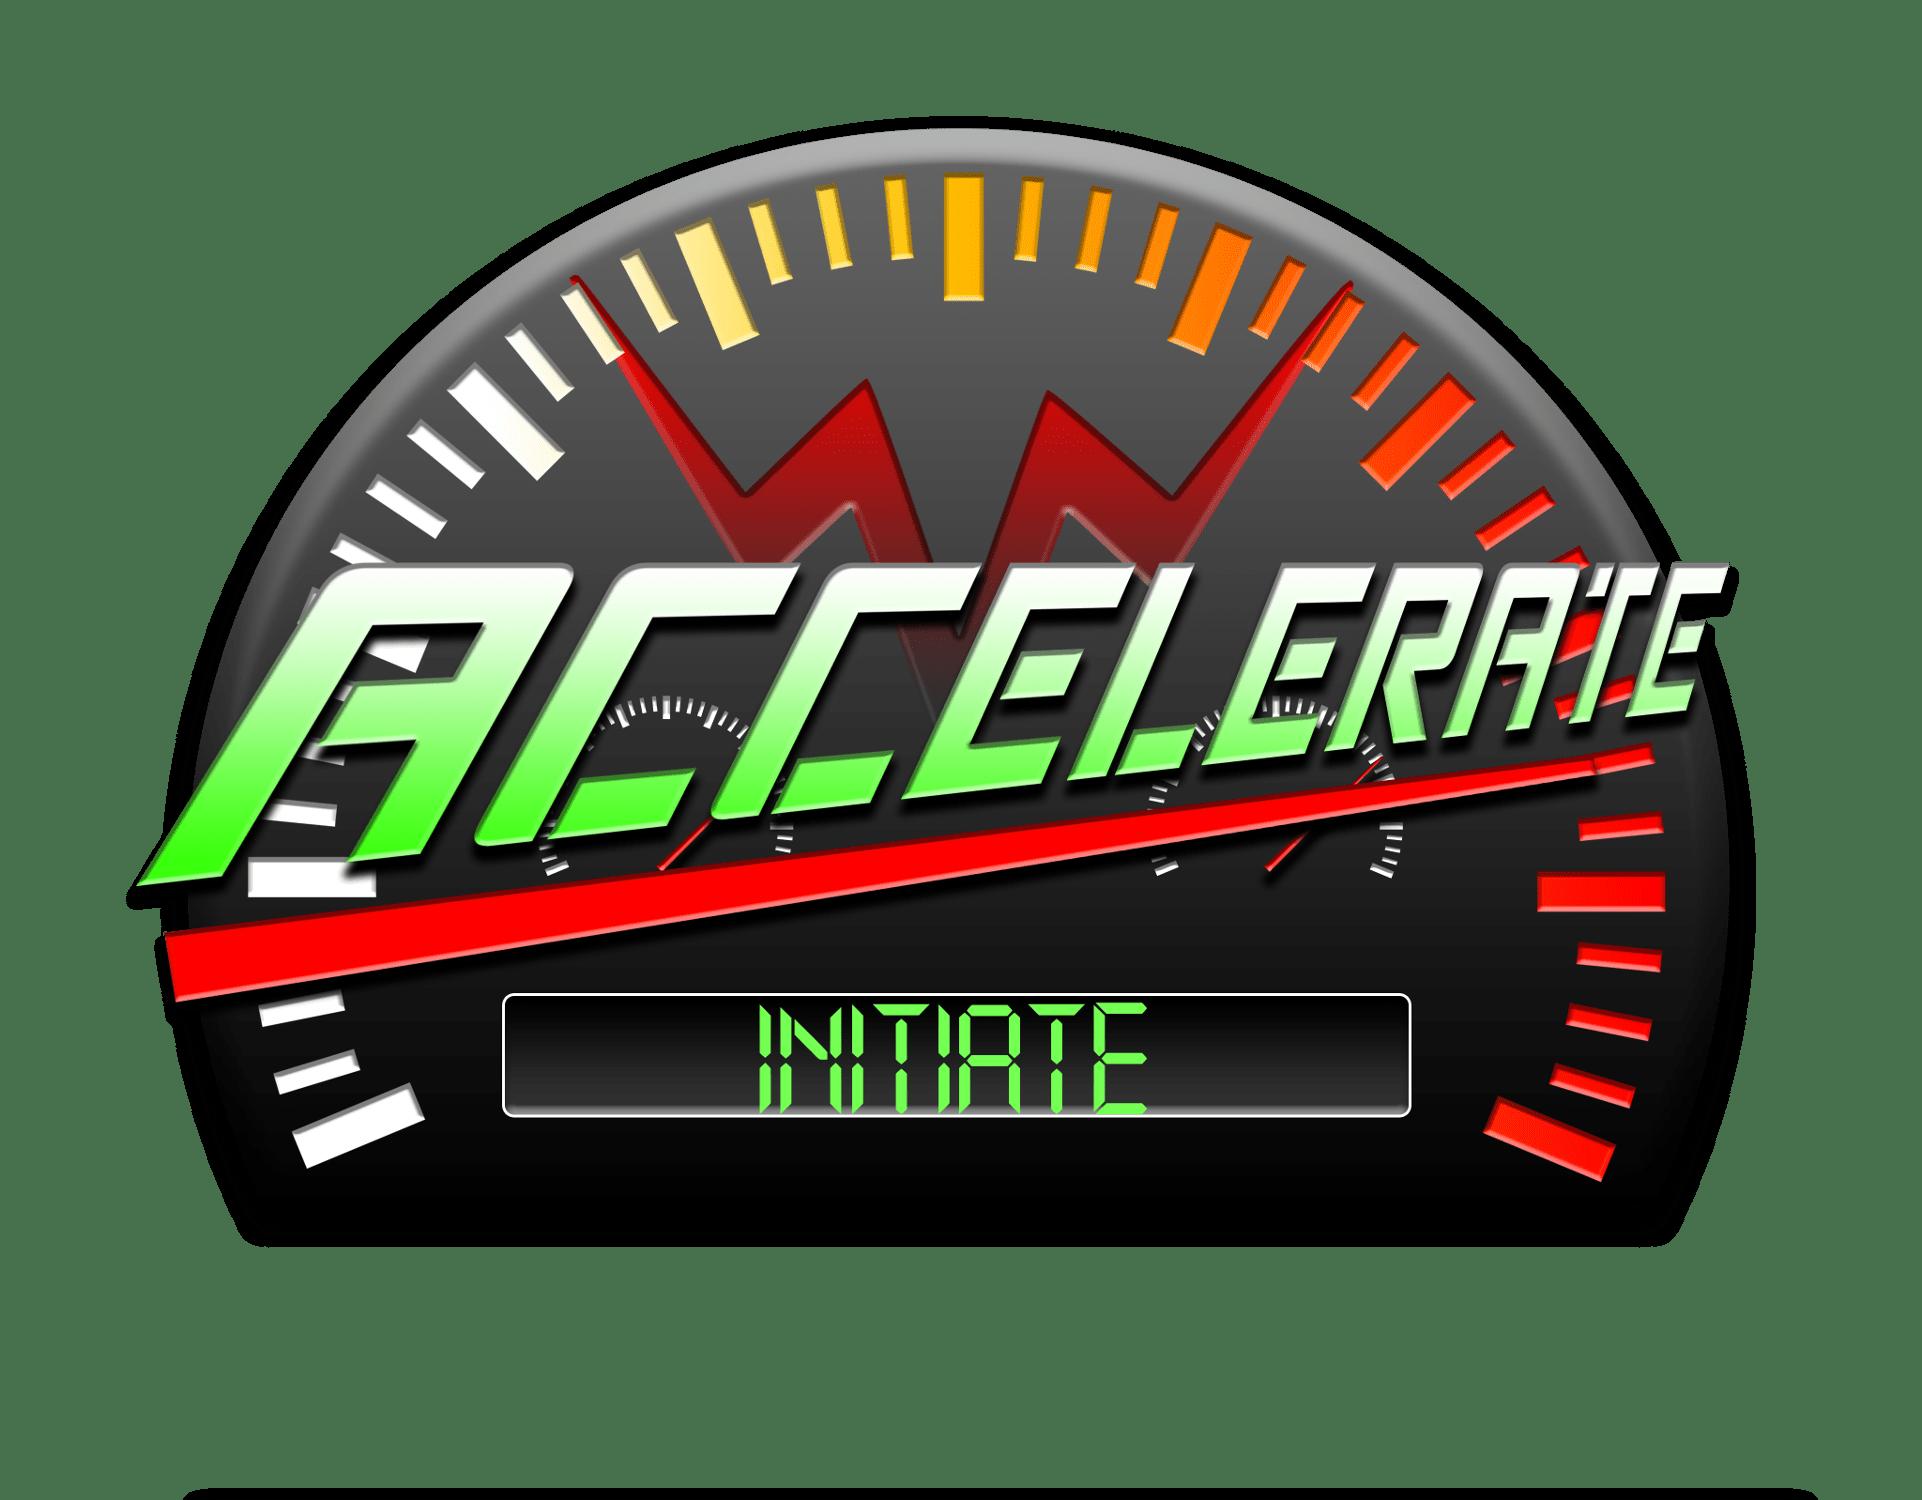 2020 - NEW ACCELERATE - Initiate - Logo LQ